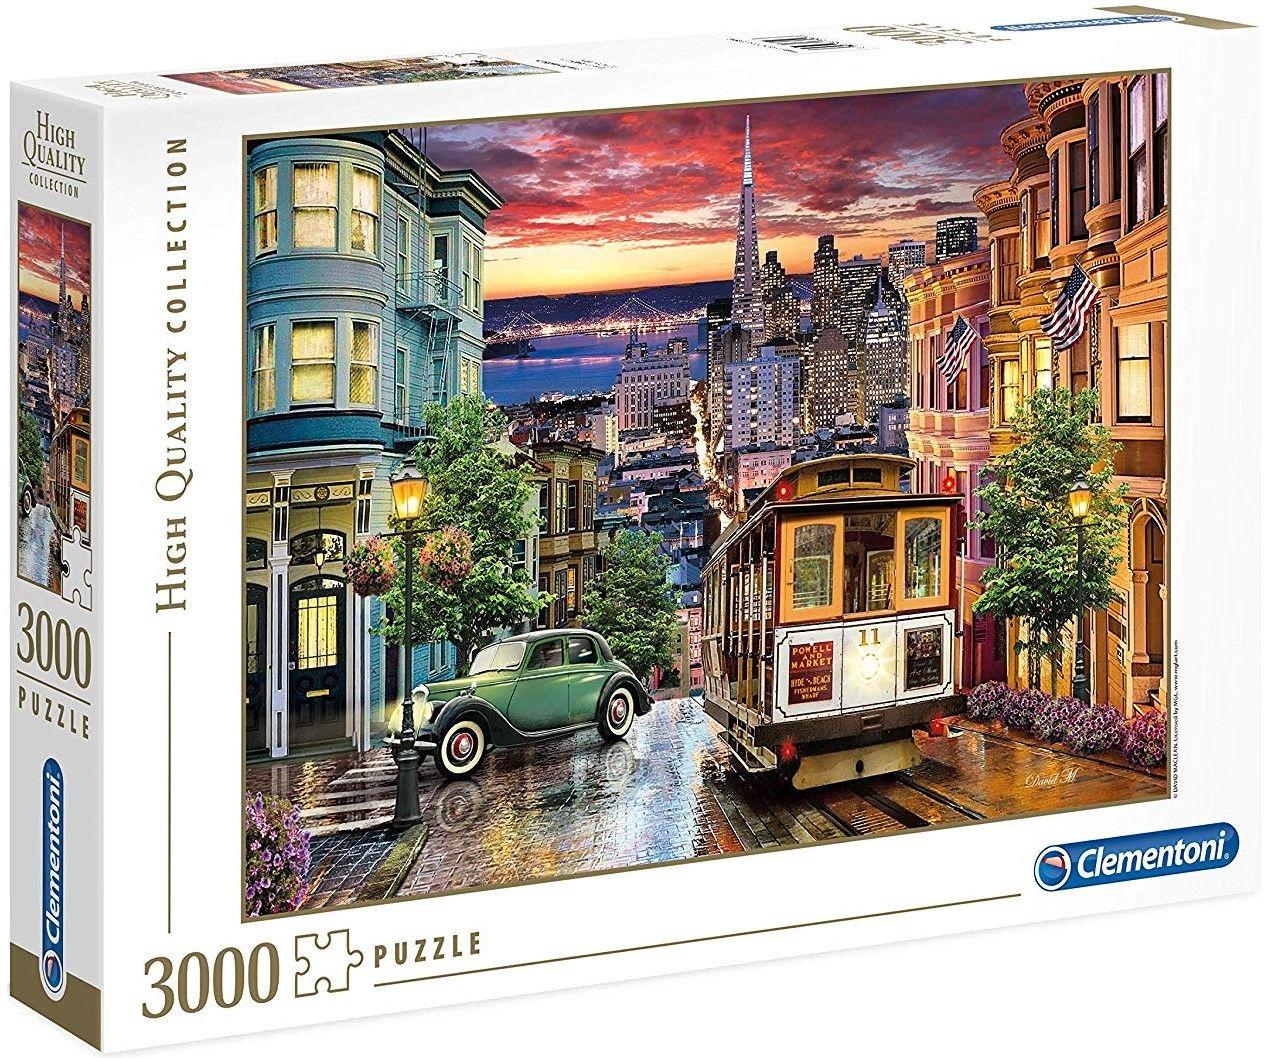 Пъзел Clementoni от 3000 части - Сан Франциско - 1